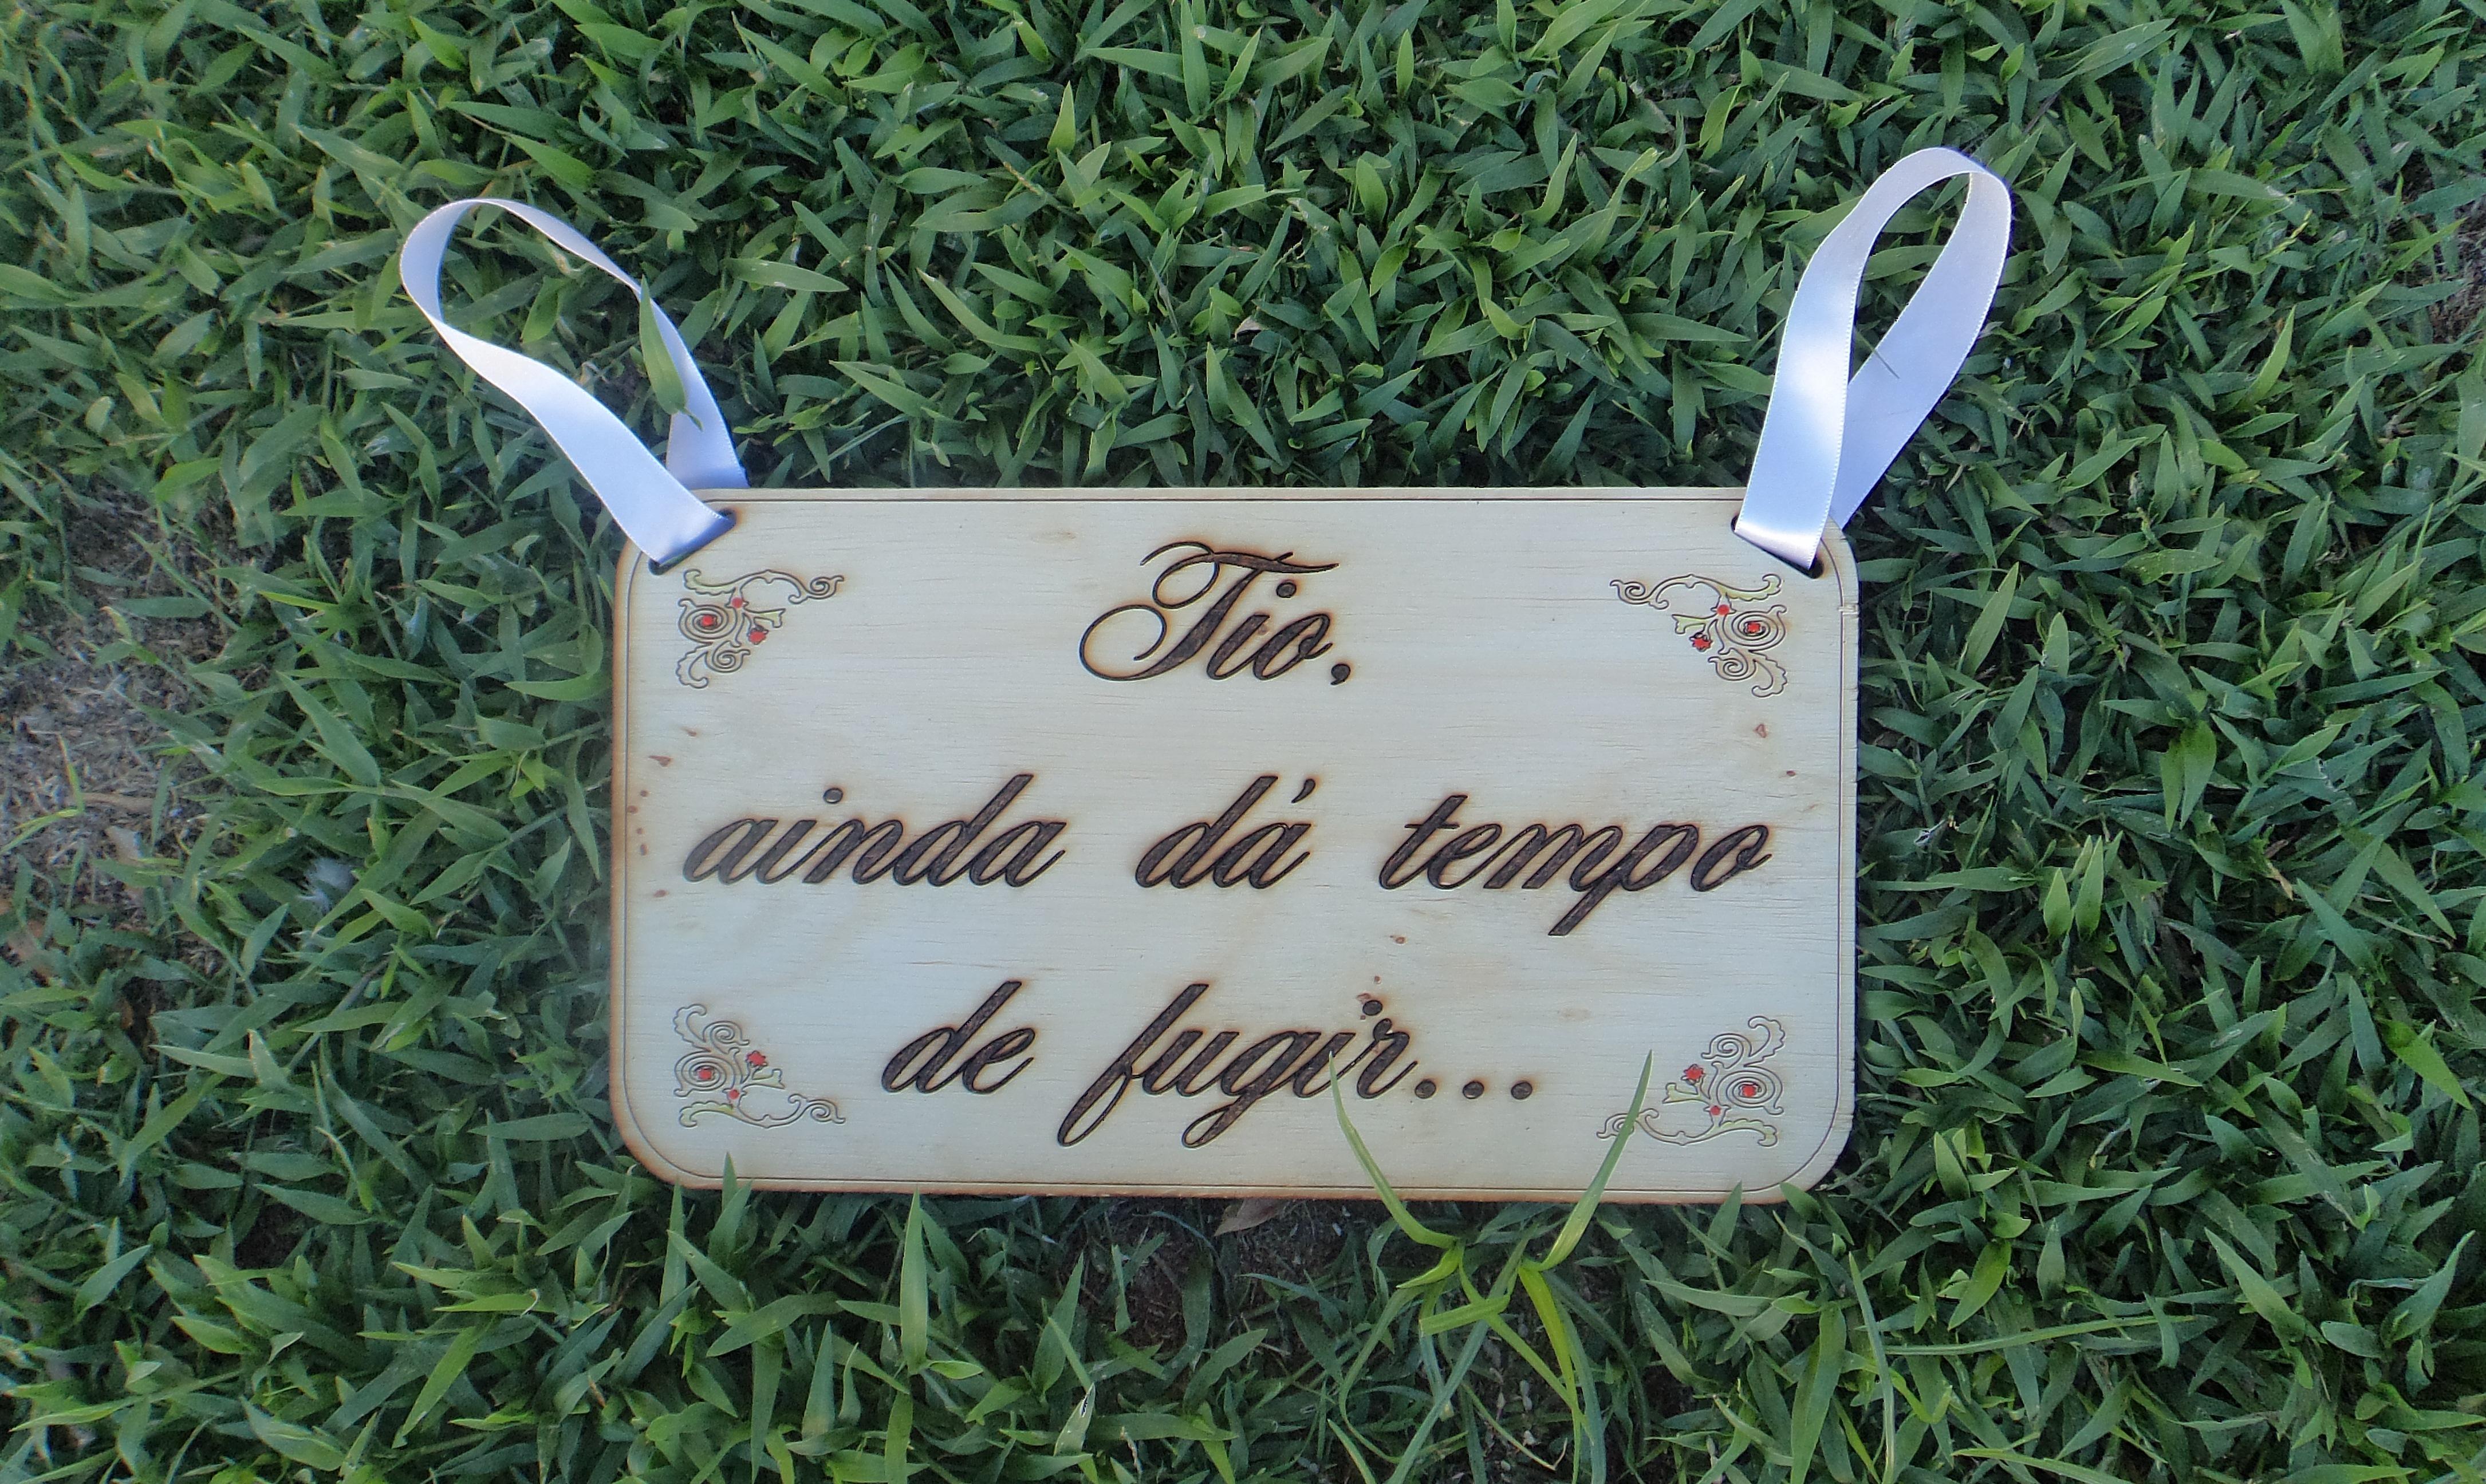 casamento rustica com fita plaquinha rustica de madeira casamento #4C607F 4341x2592